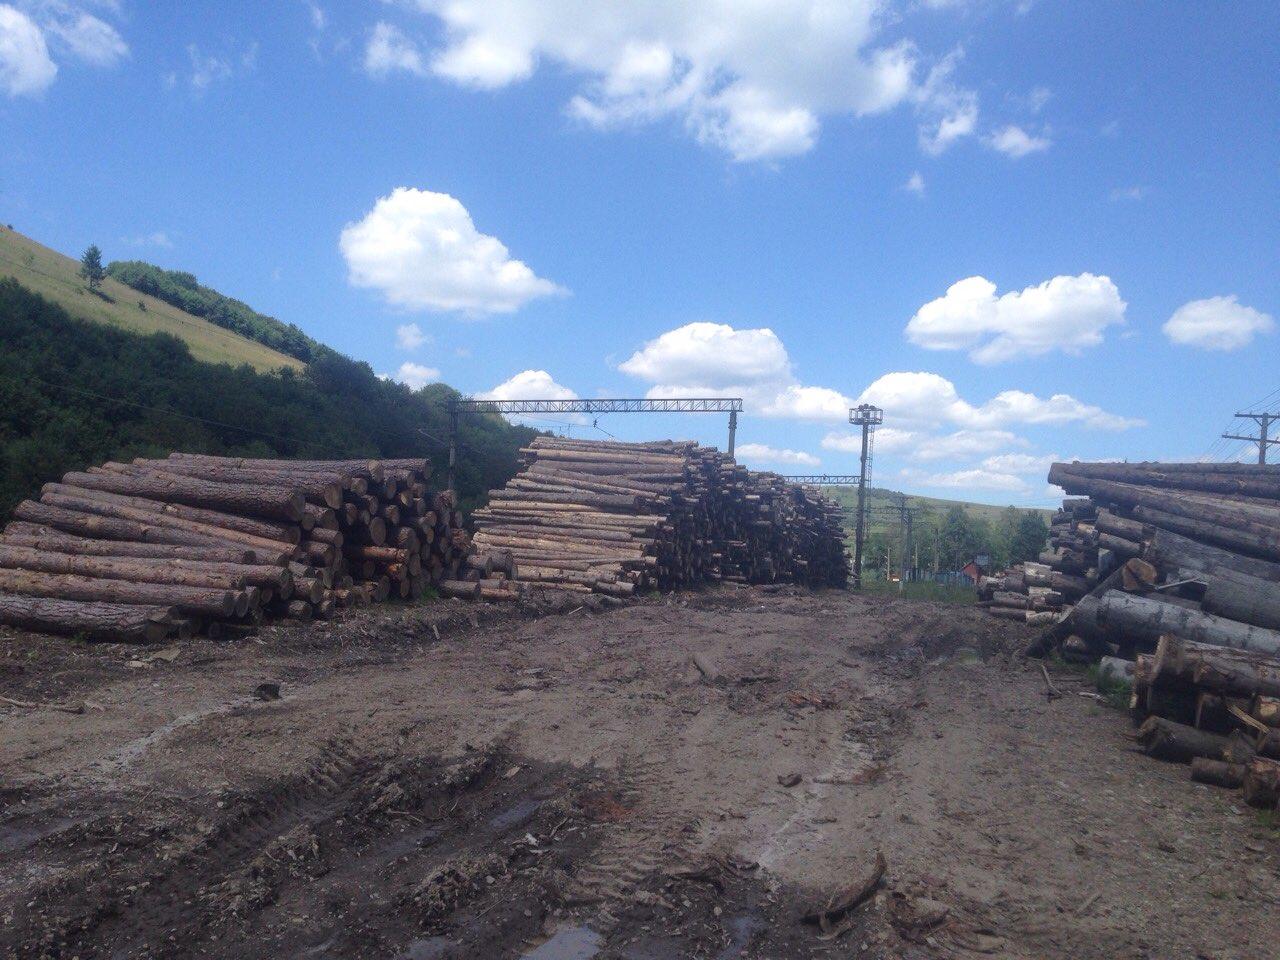 Правоохранители разоблачили схемы легализации лесоматериалов на сумму свыше 45 млн грн